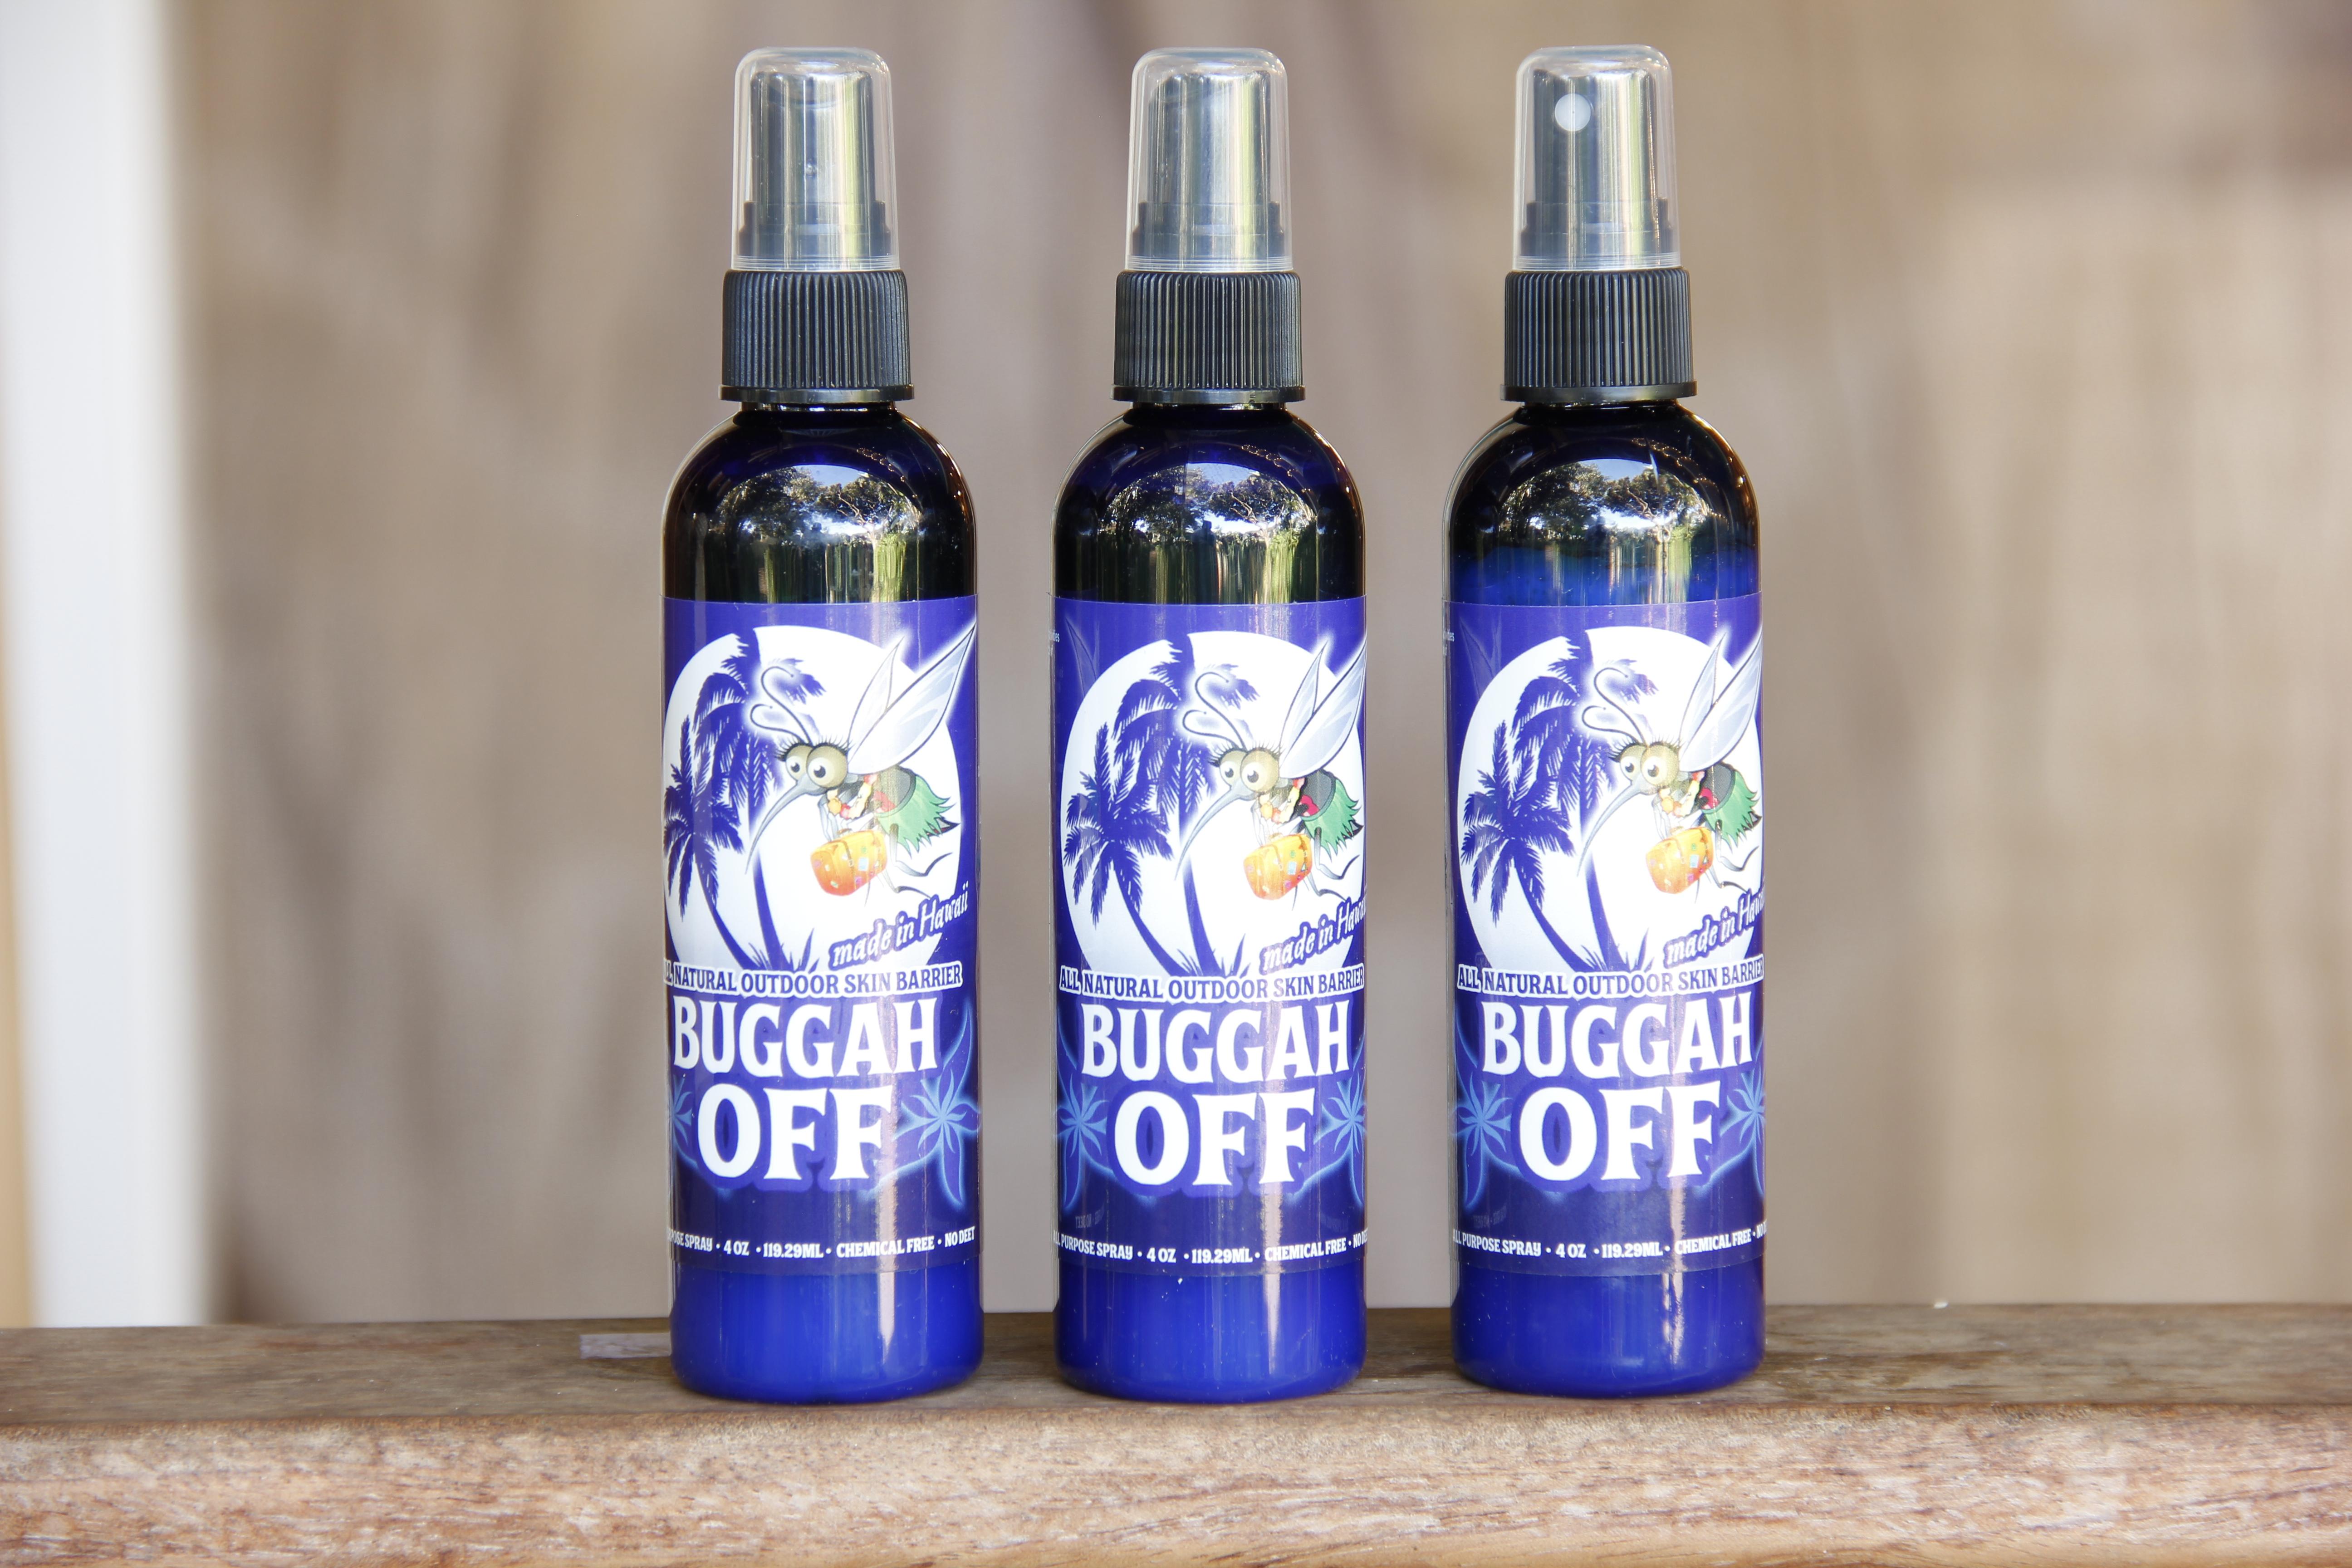 Buggah Off Natural Bug Spray Moku Pua